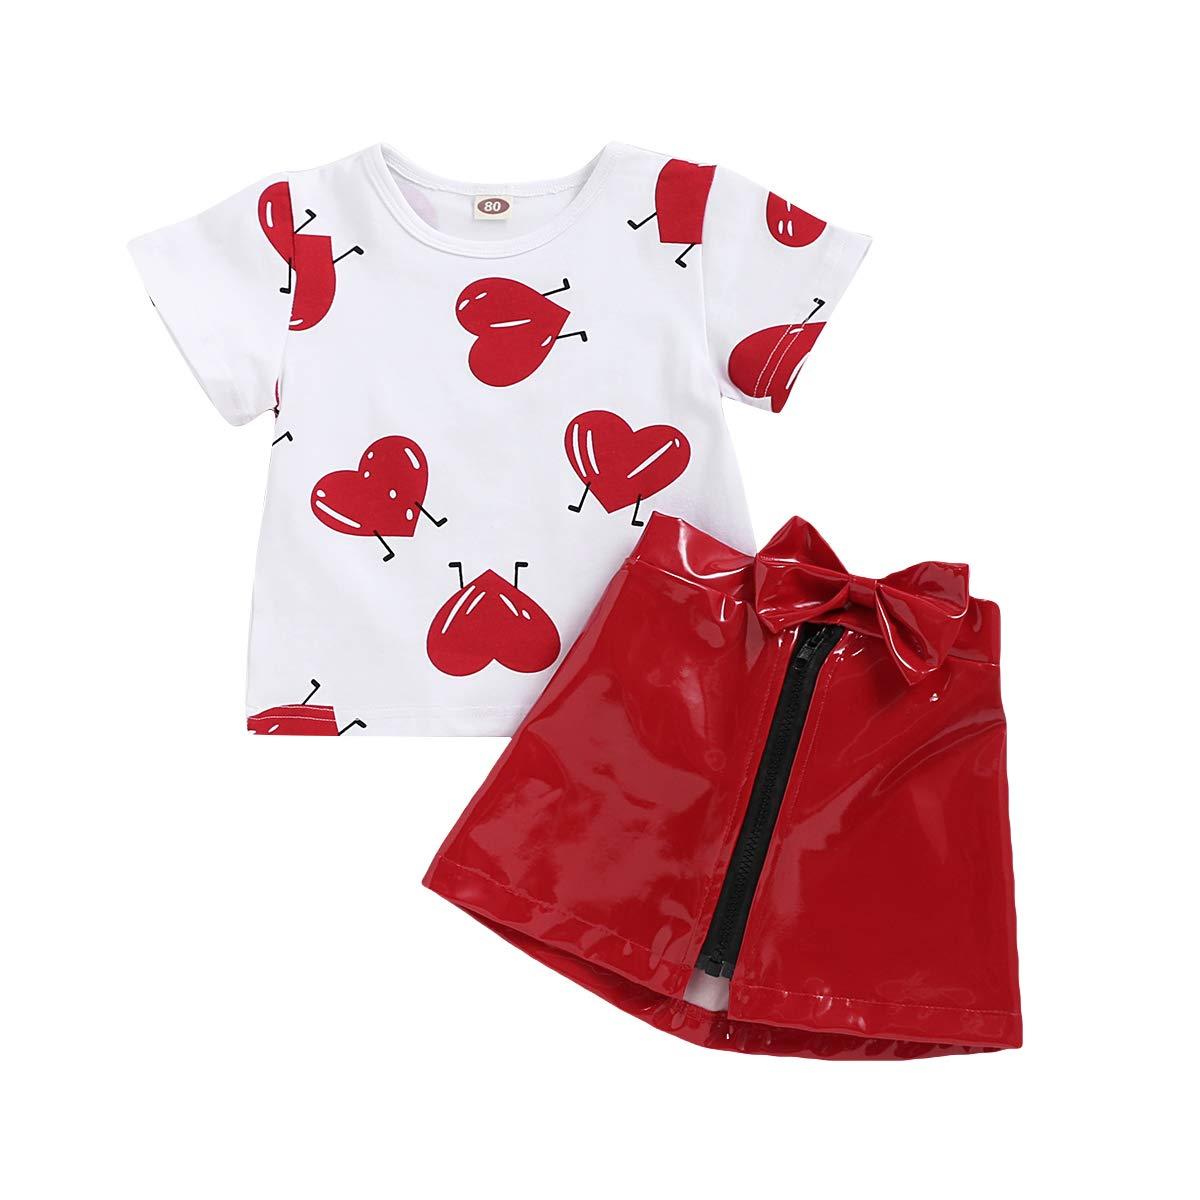 Toddler Baby Girls Leather Tutu Skirt Set Heart T-Shirt Top, Red Zipper Short Dress 2pc Clothes Set